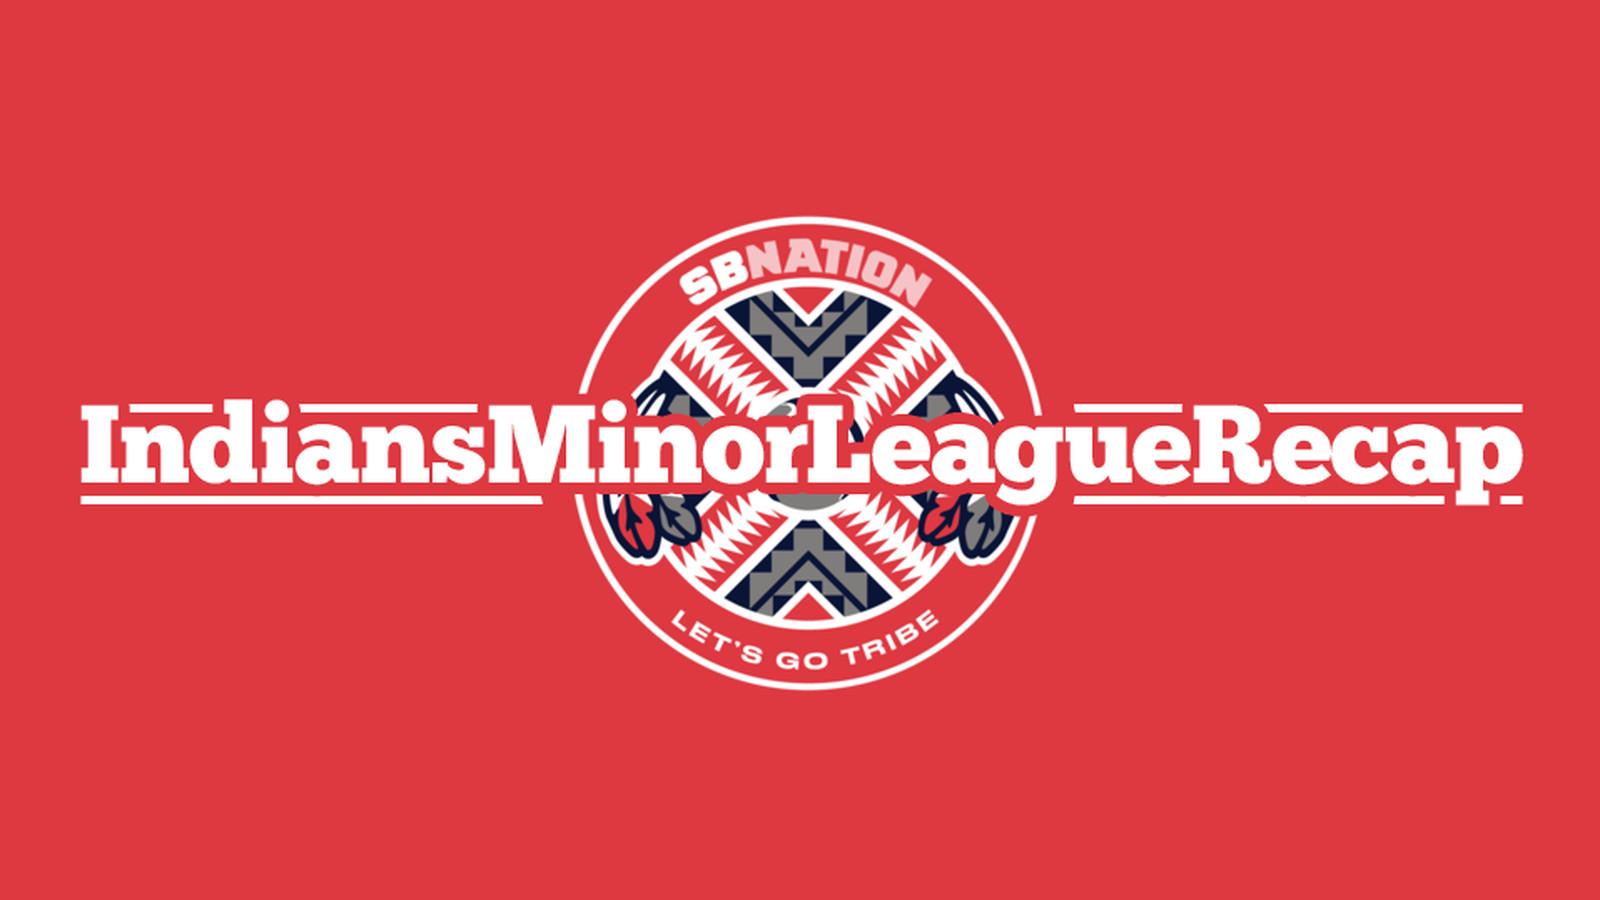 Lgt_minor_leagues_copy.0